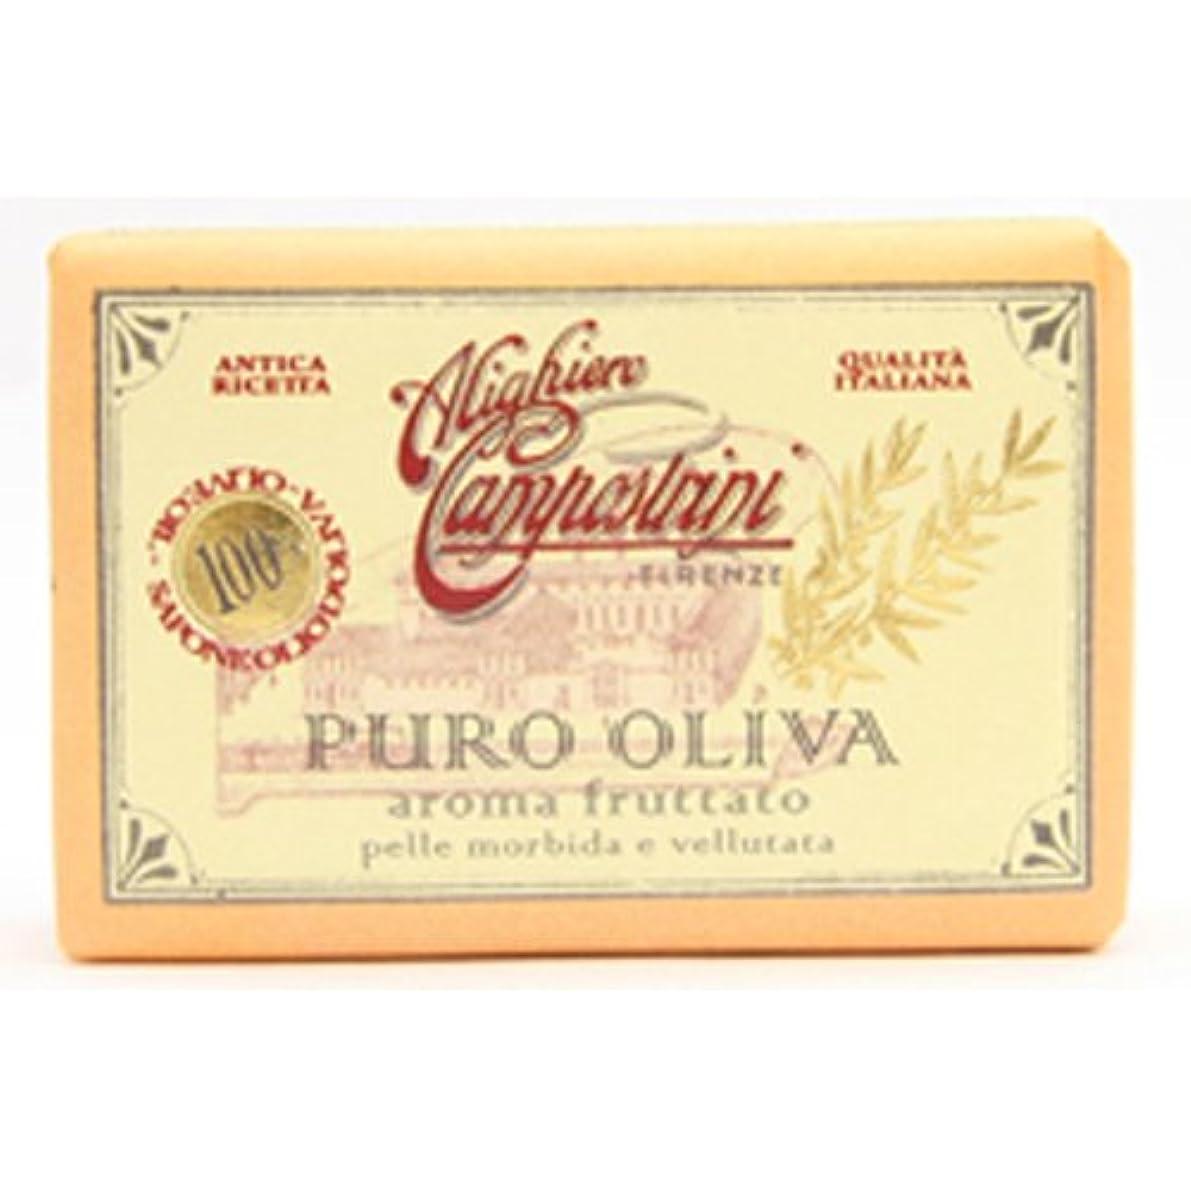 海峡私の裁判官Saponerire Fissi サポネリーフィッシー PURO OLIVA Soap オリーブオイル ピュロ ソープ Aroma fruttato フルーツ(オレンジ)